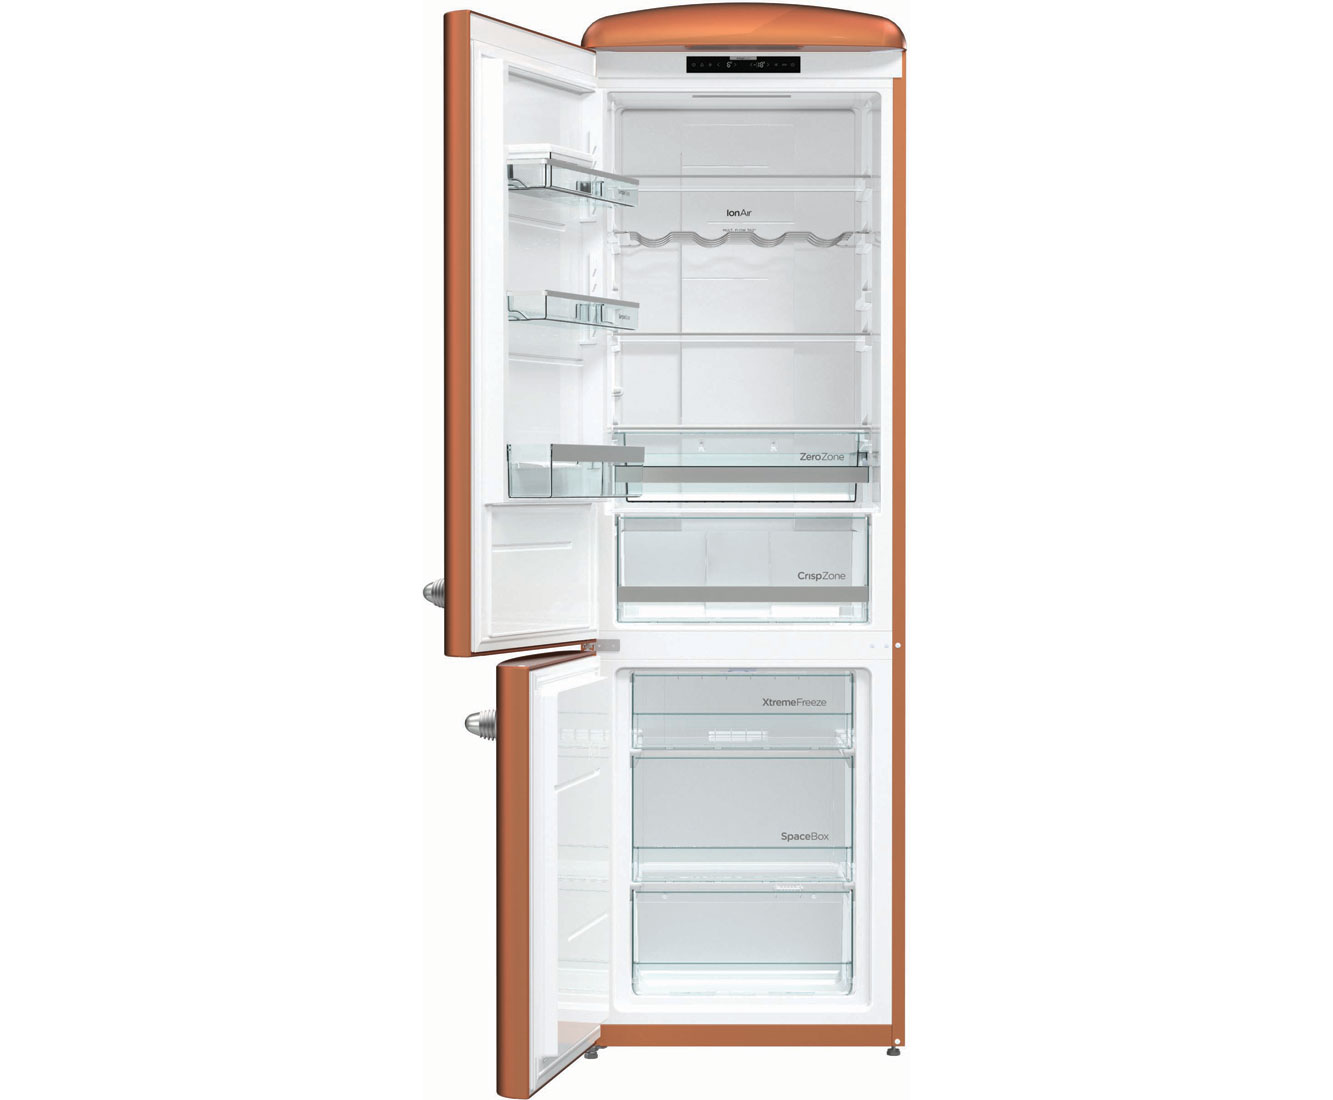 Aeg Kühlschrank Tür Einstellen : Bosch kühlschrank türanschlag wechseln kühlschrank modelle